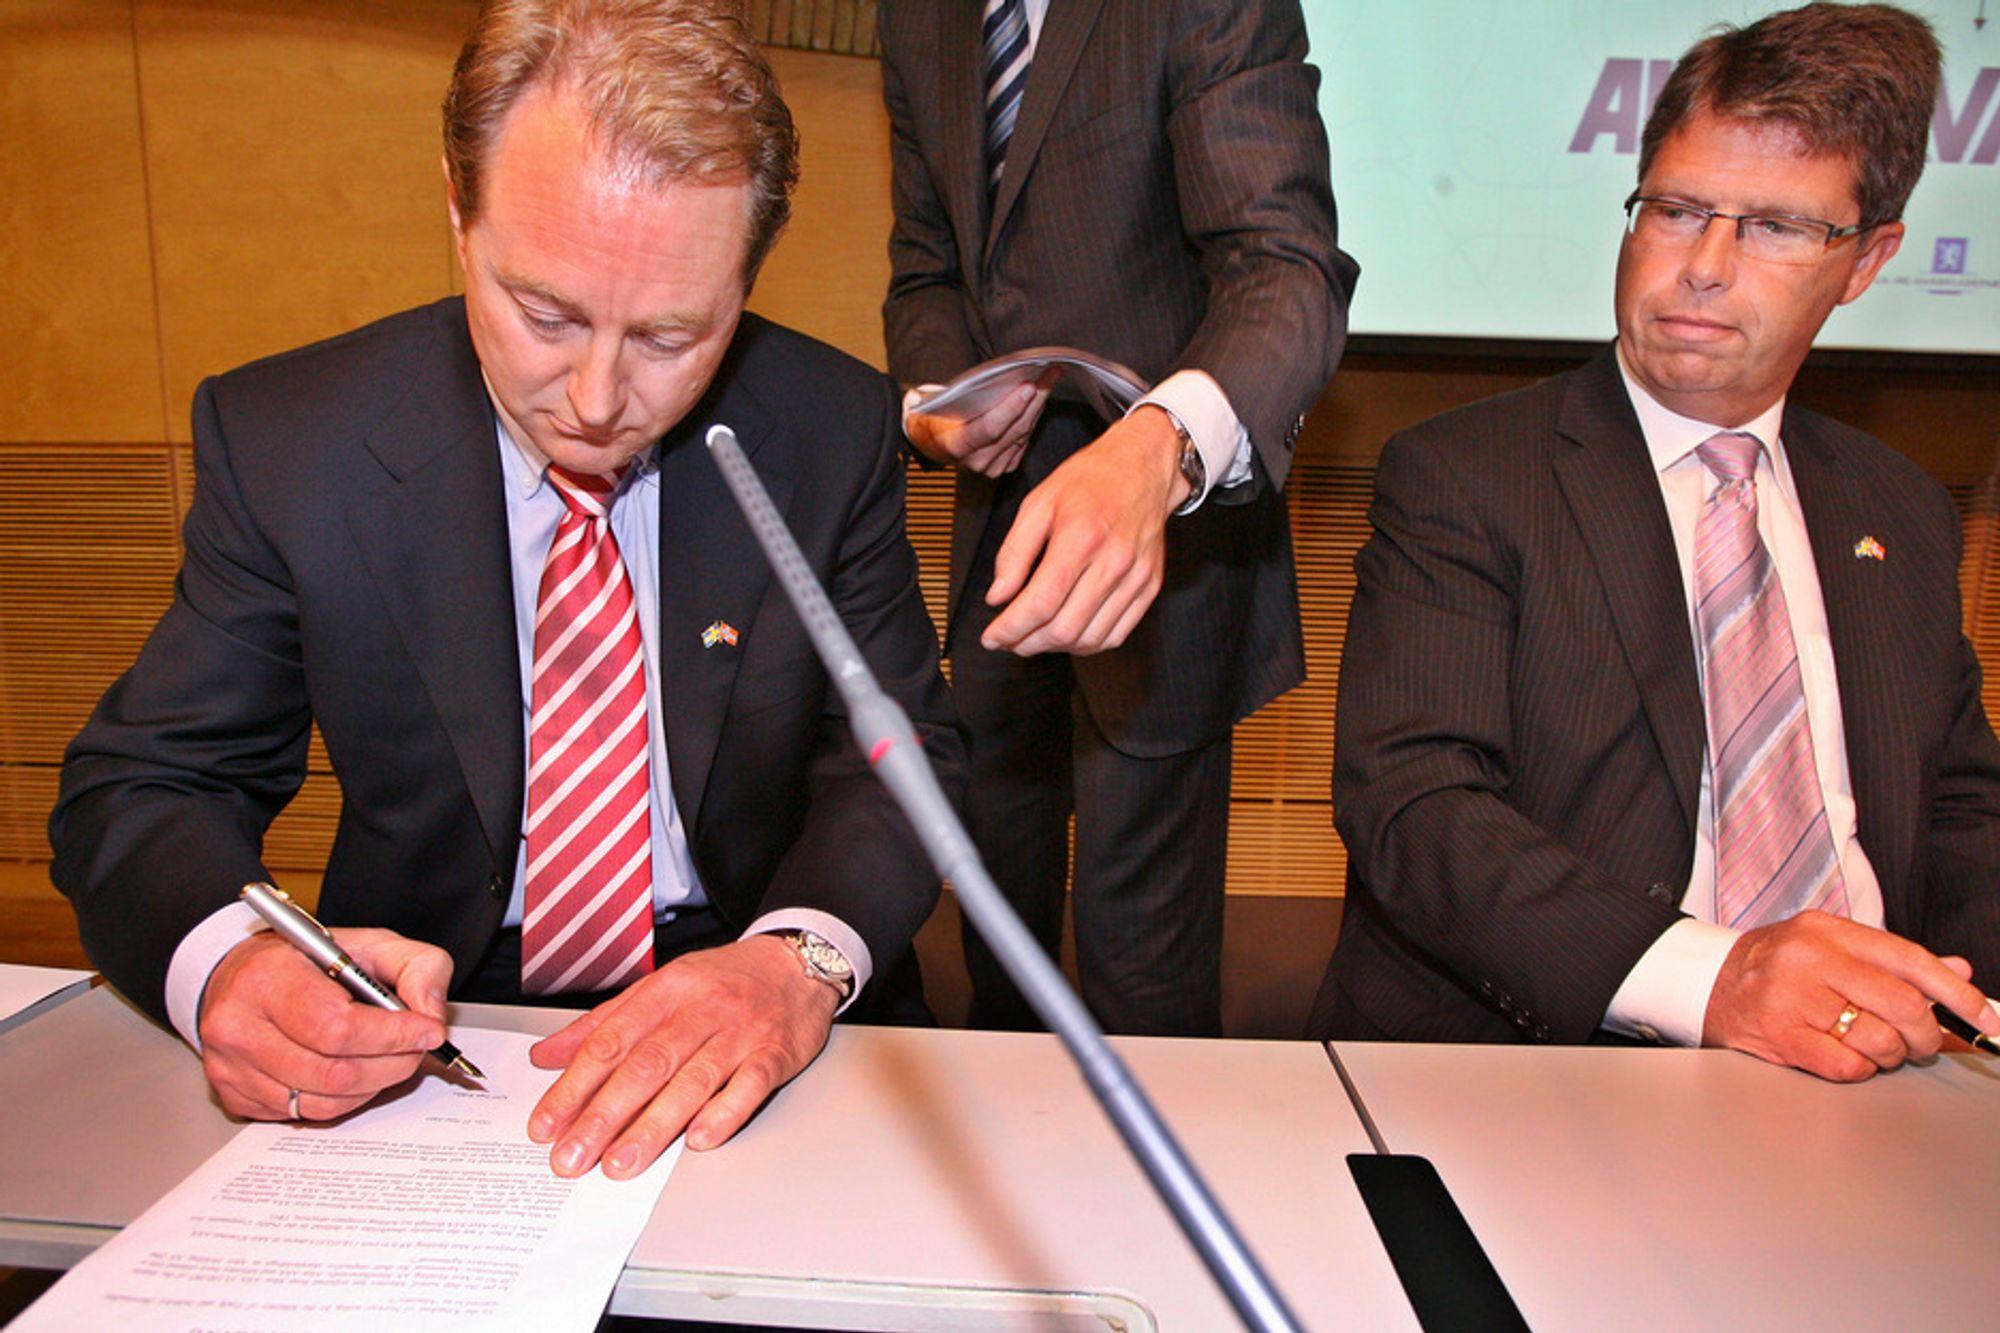 Staten går inn på eiersiden i Aker Kværner, sammen med Aker ASA, Investor AB og Saab AB, opplyste næringsminister Dag Terje Andersen på en pressekonferanse i juni. Her signerer Kjell Inge Røkke kontrakten mens administrerende direktør i Aker konsernet Leif Arne Langøy ser på.